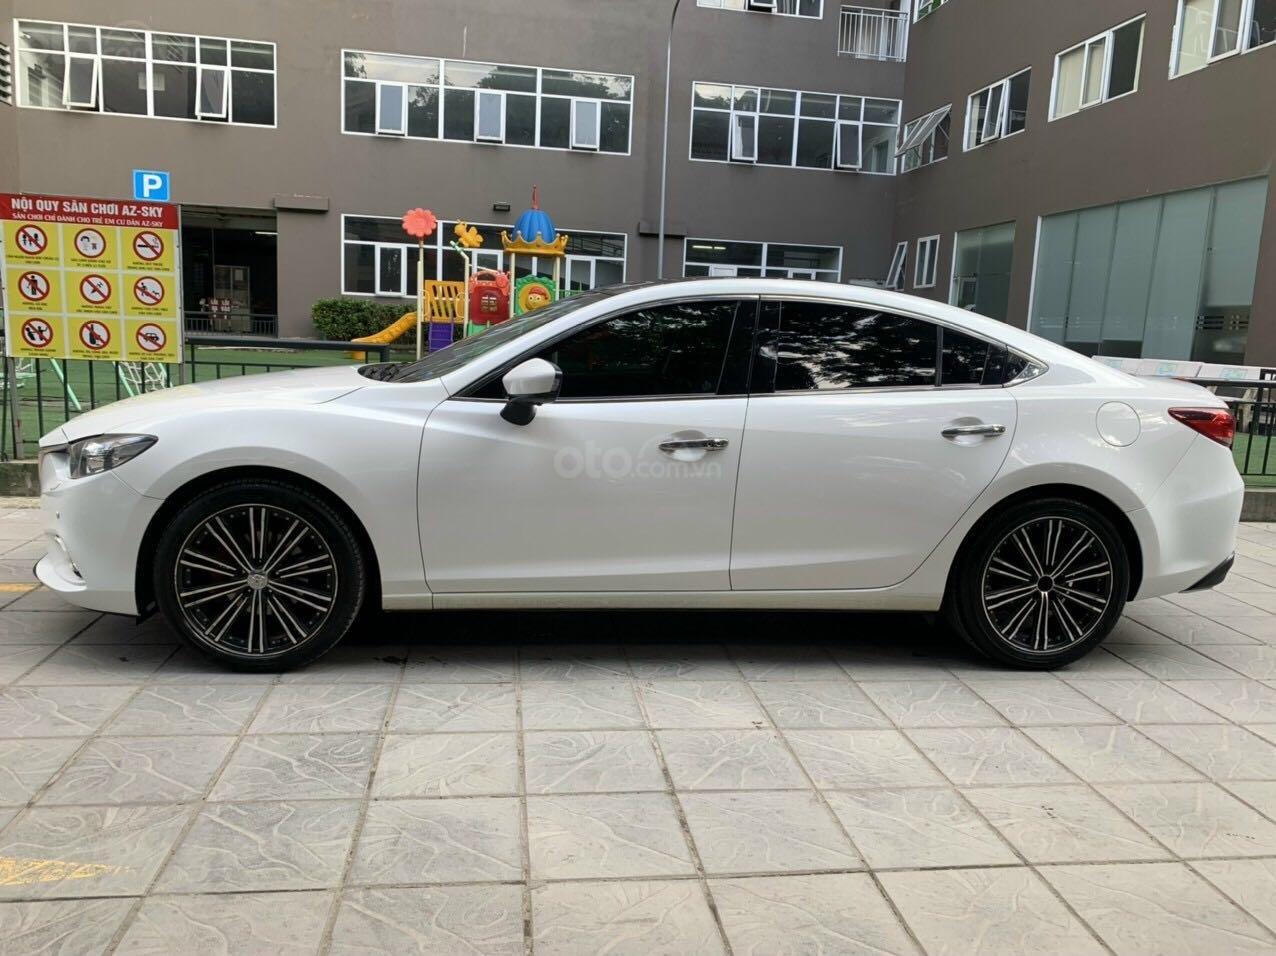 Cần bán Mazda 6 Premium SX 2016 AT, màu trắng, máy nguyên, tư nhân chính chủ (2)